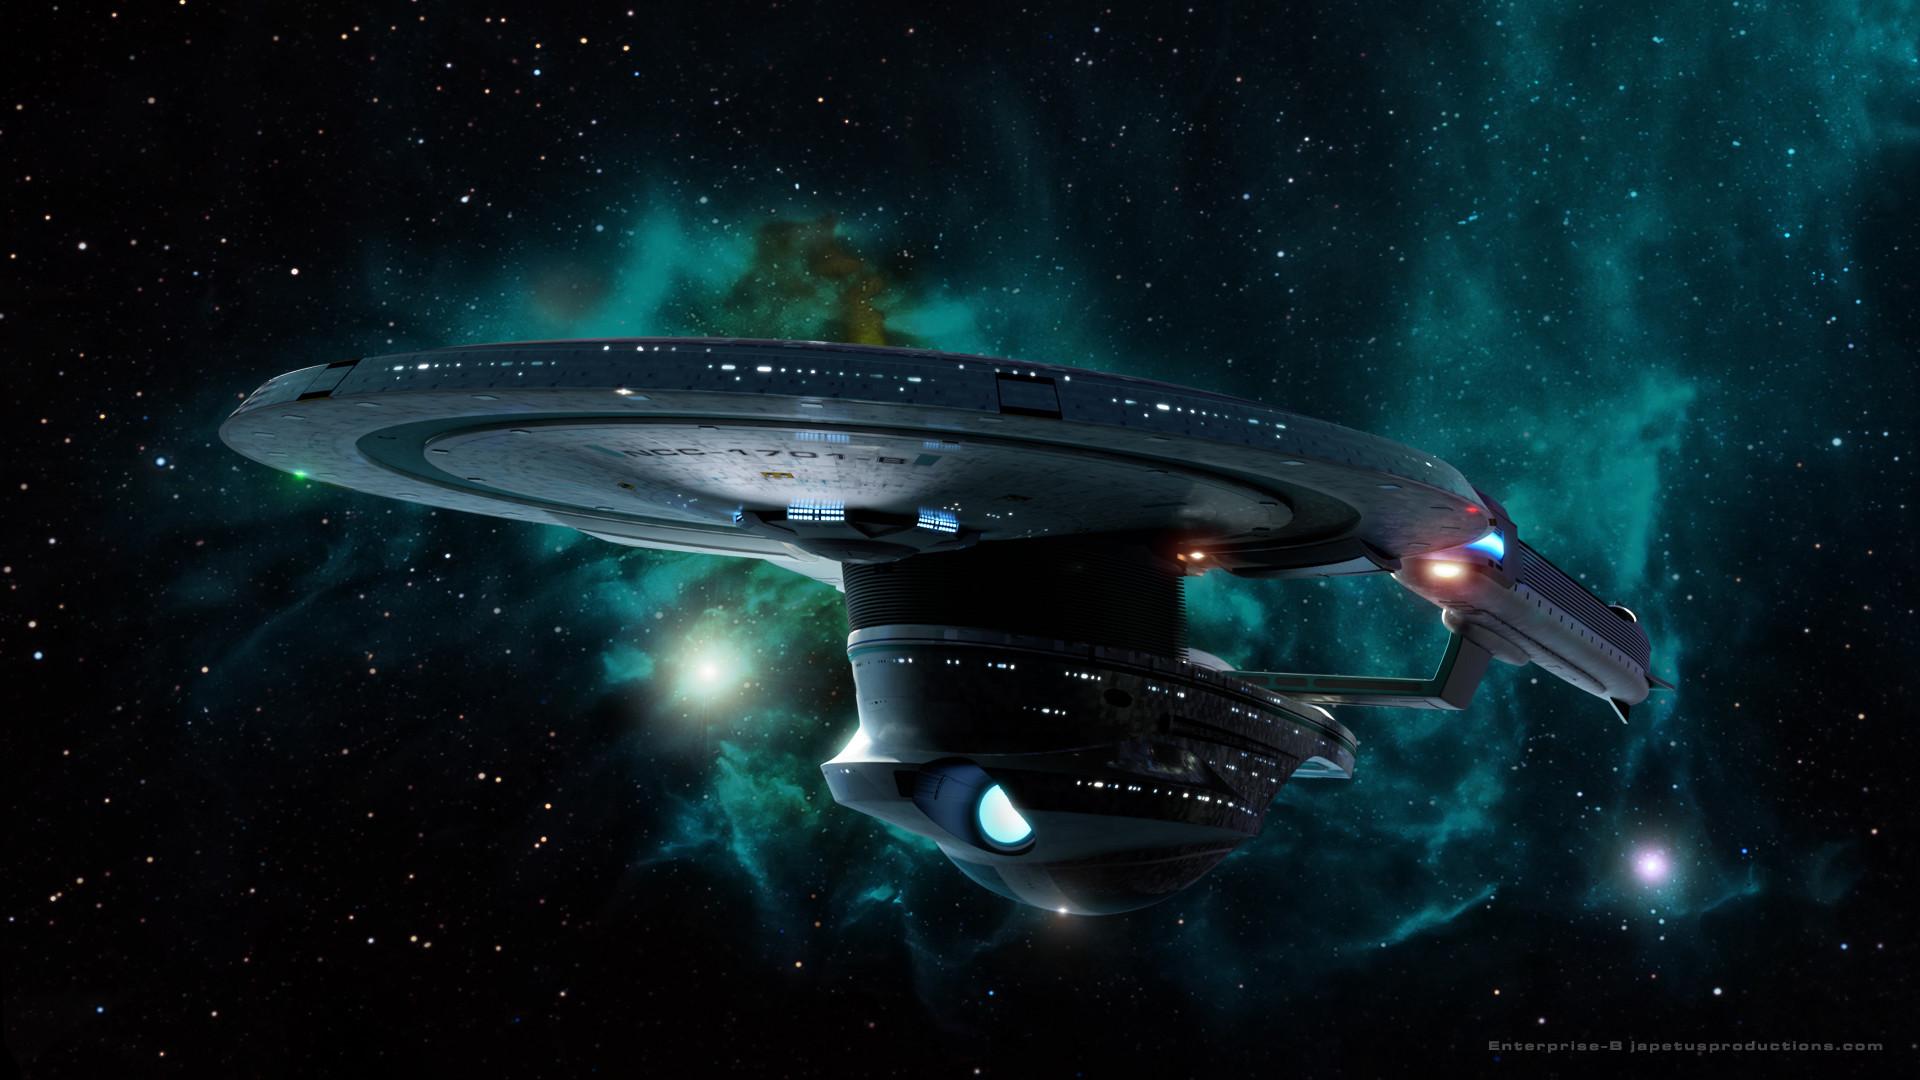 Star Trek Ships Wallpaper 67 Images